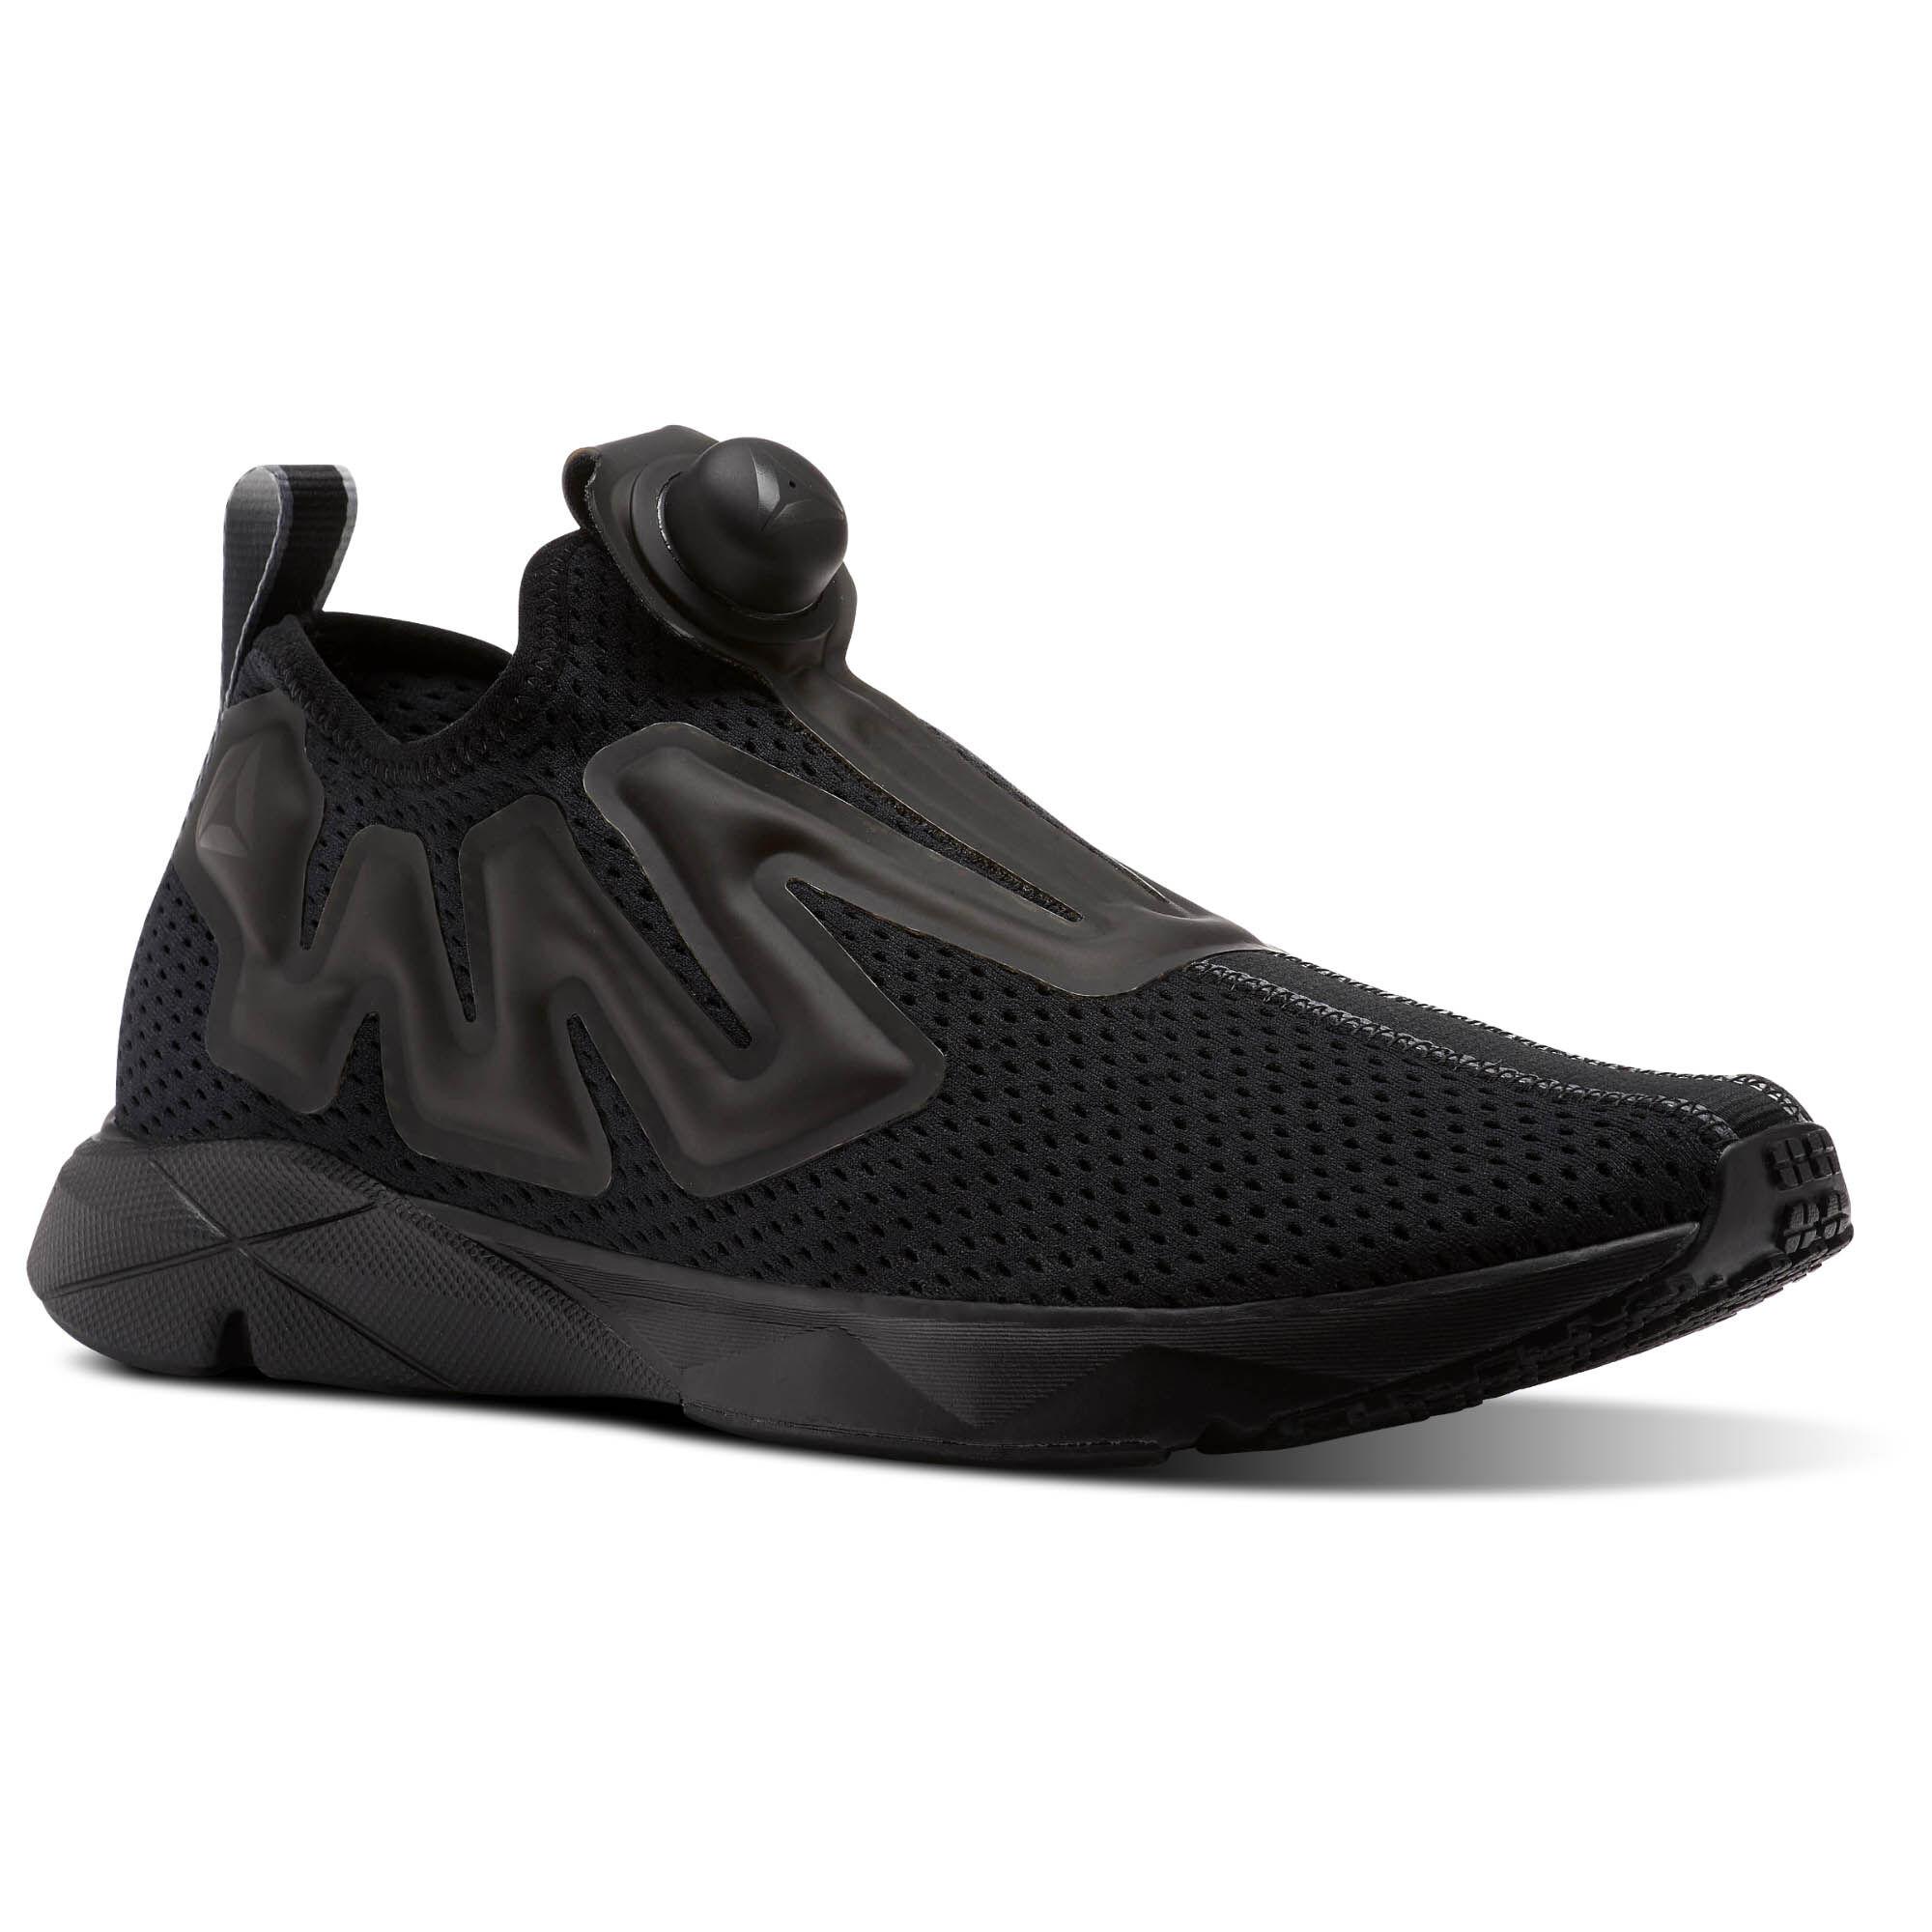 Reebok Classics Black Pump 2B4nZ3LnZe Tape Sneakers